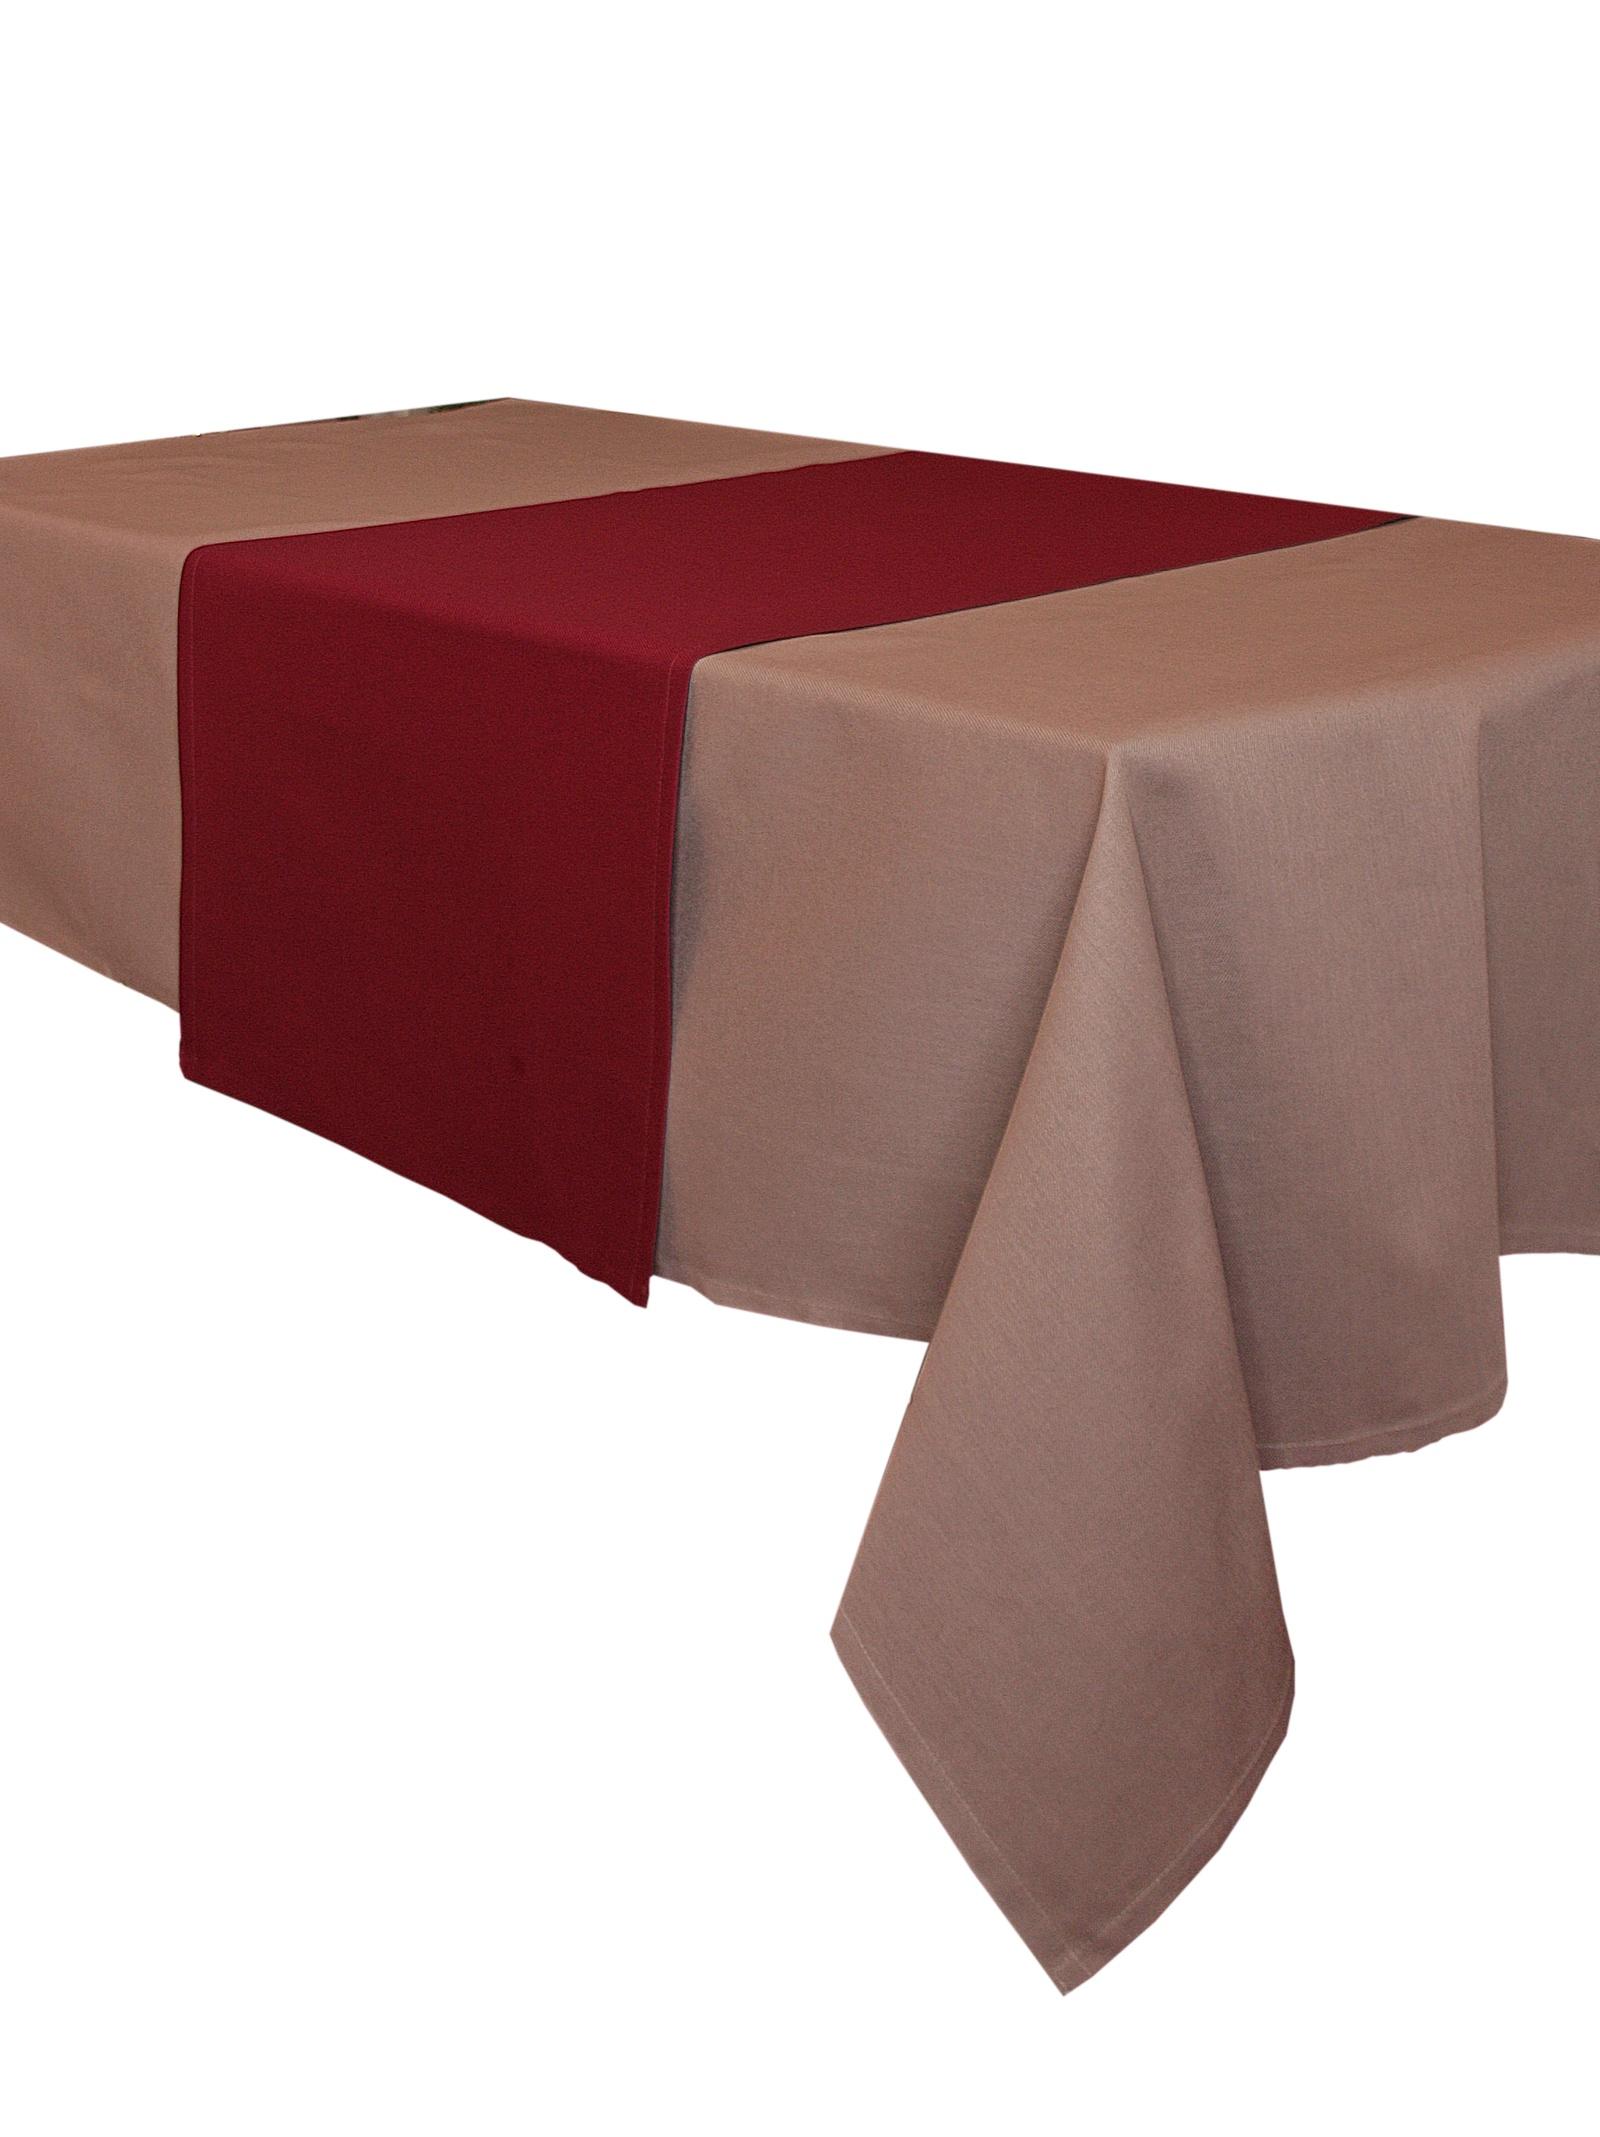 Дорожка для стола Naturel 45х150 Однотонная коллекция, бордовый дорожка для стола naturel 45х150 однотонная коллекция бежевый